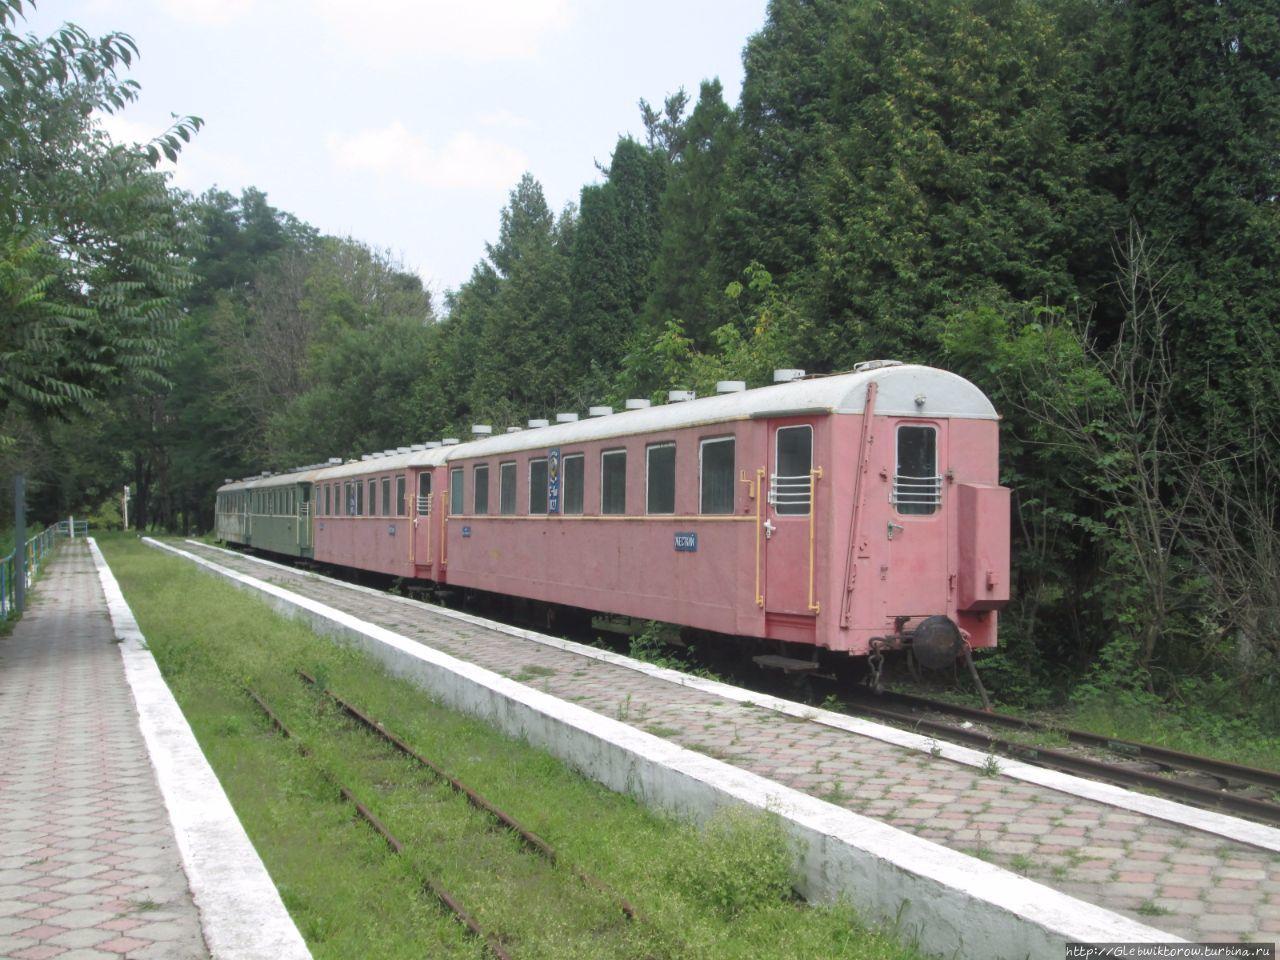 Владикавказская детская железная дорога (Владикавказ)